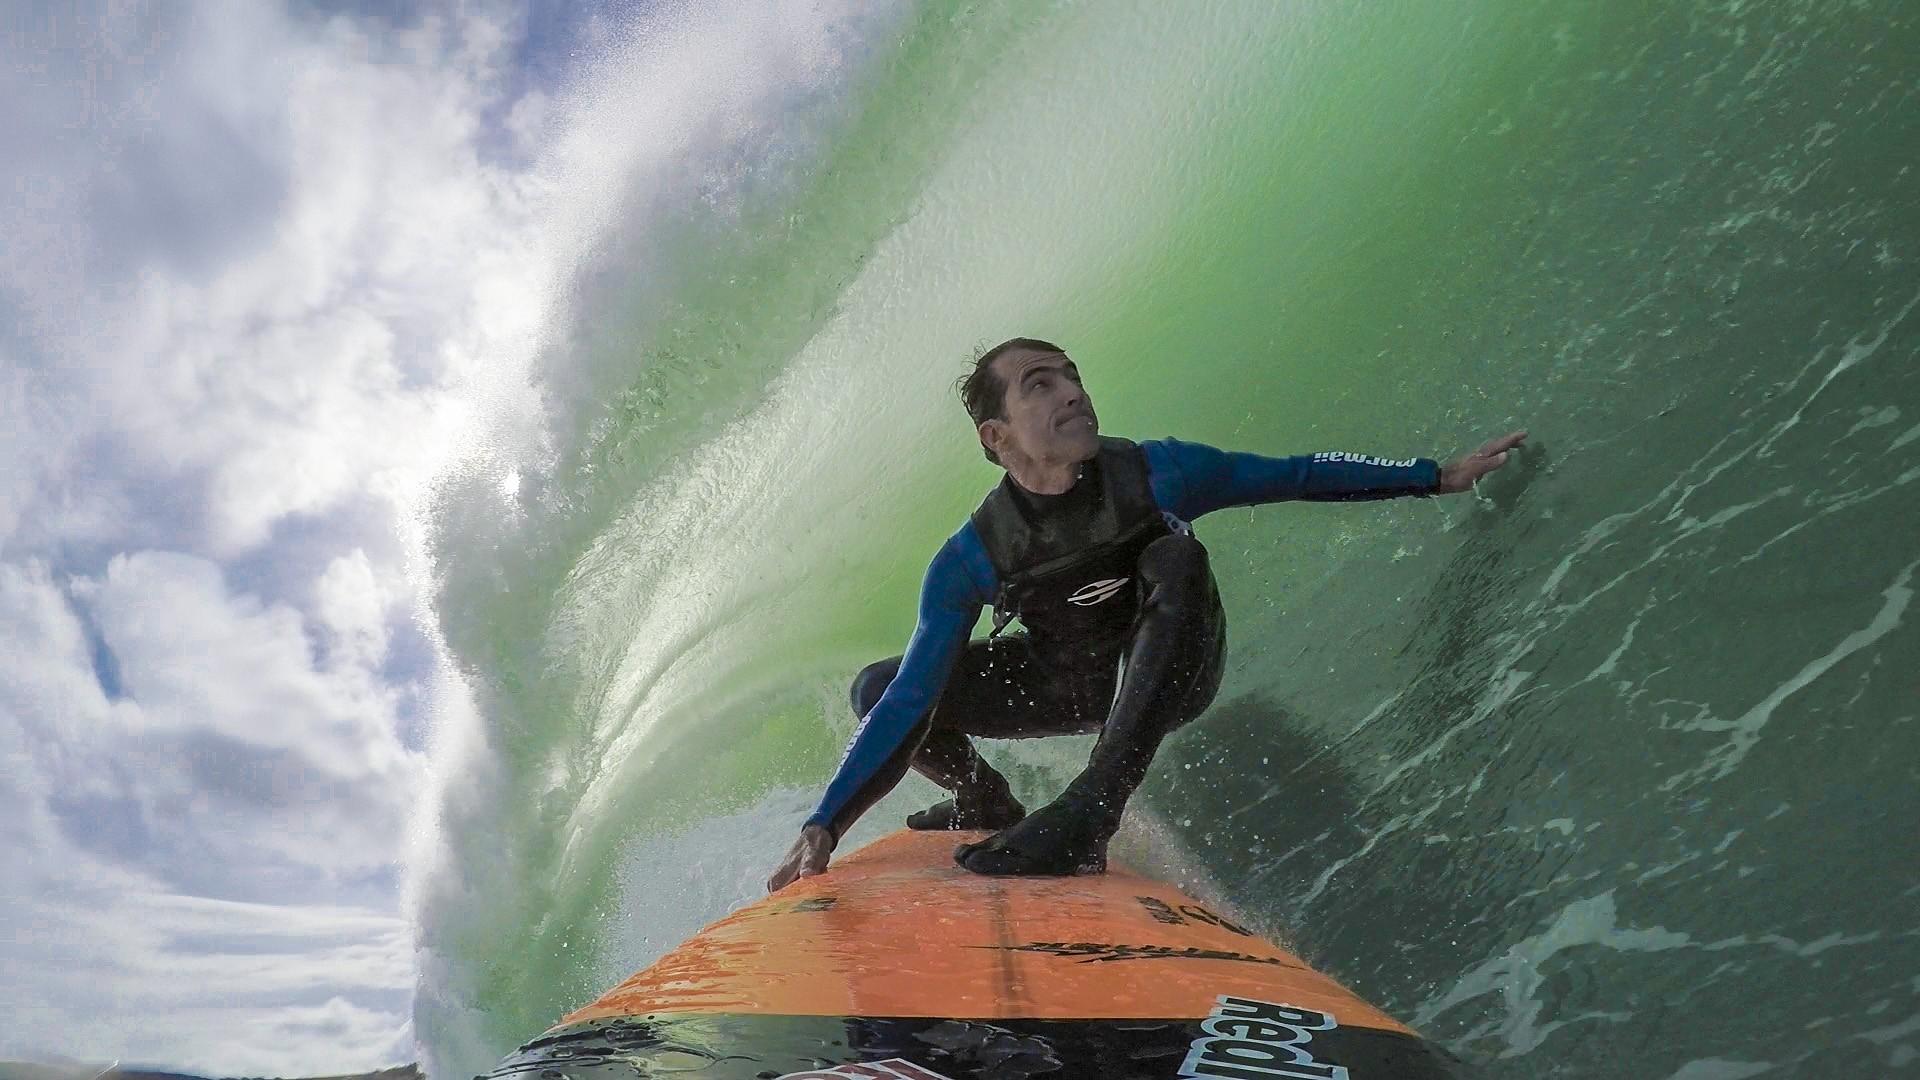 Carlos Burle estrela a nova srie exclusiva do Canal OFF, 'Gigantes do Surfe' (Foto: Divulgao/Canal OFF)